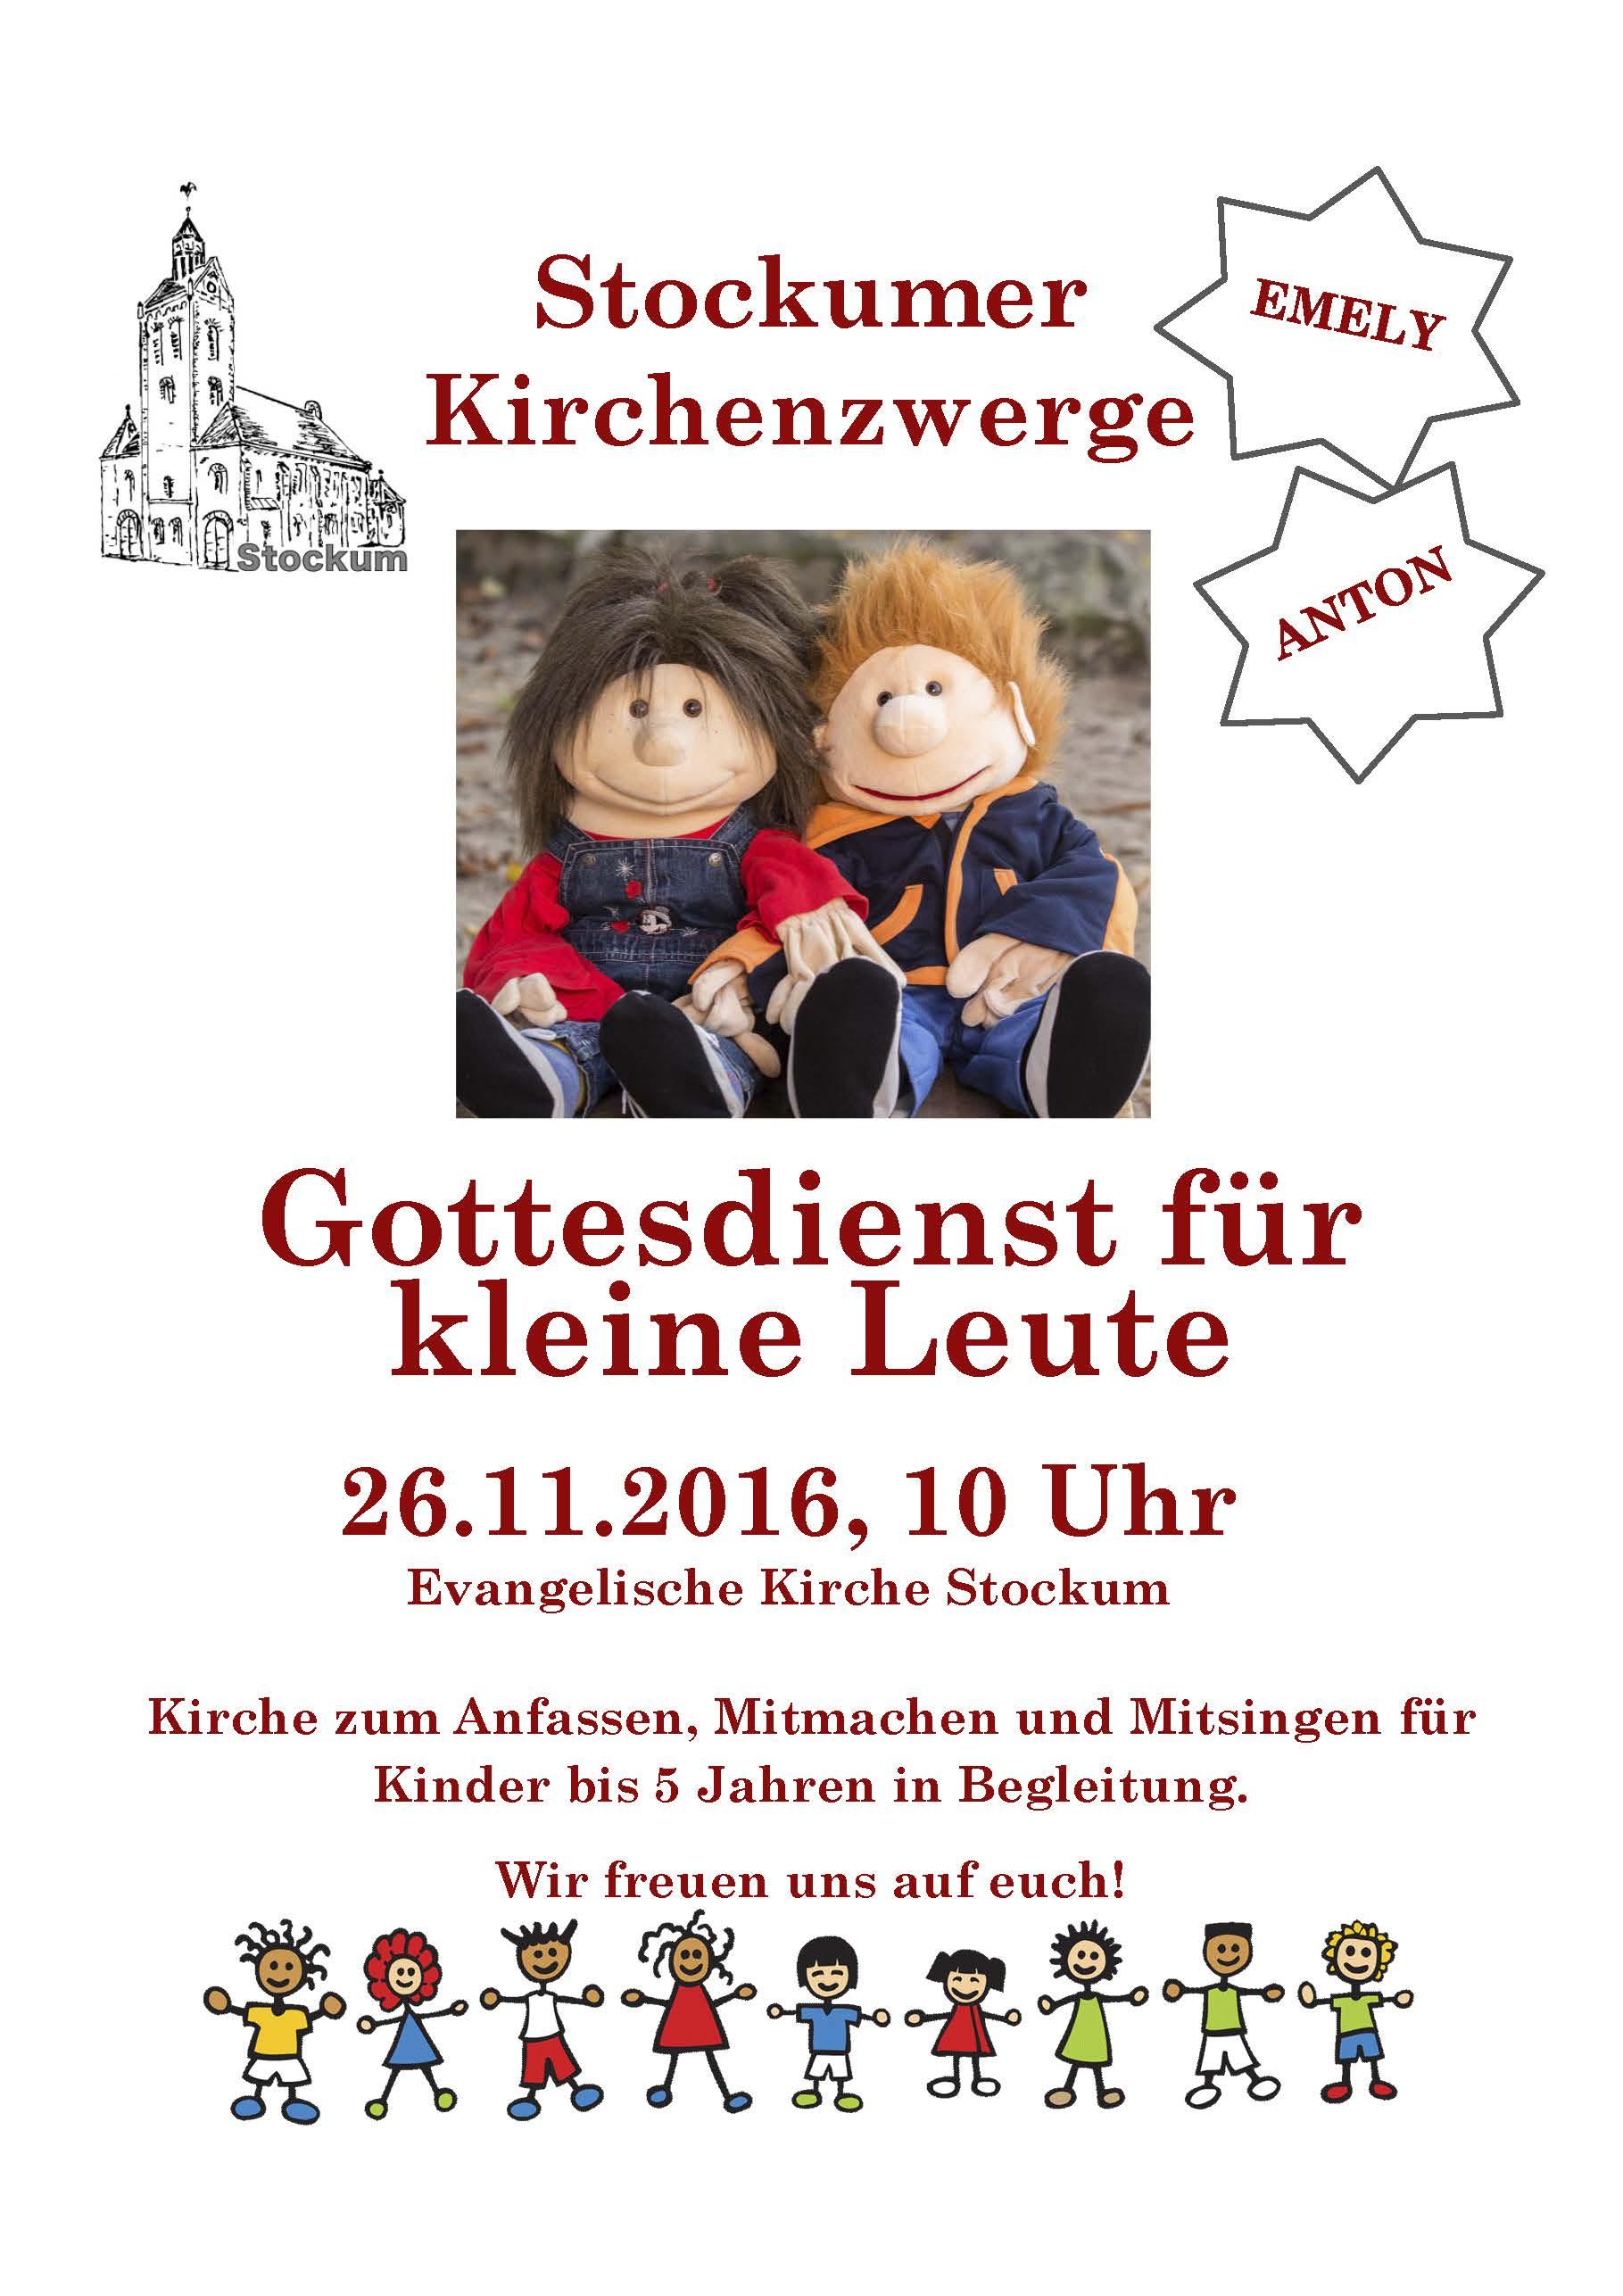 kirchenzwerge-26-november-2016